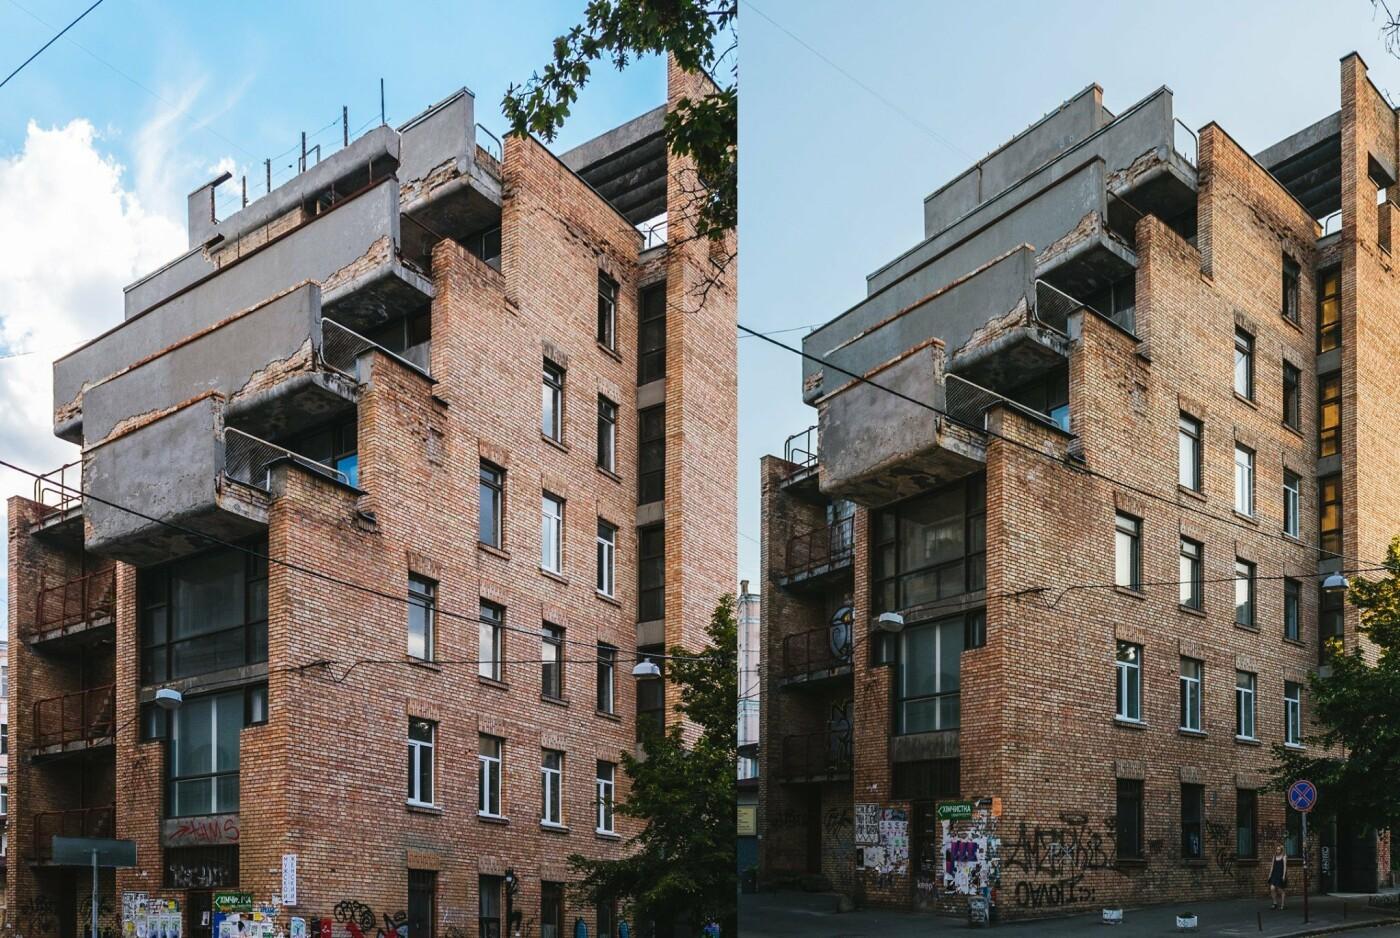 В Киеве на Рейтарской обвалились балконы модернистского здания - ФОТО, фото-1